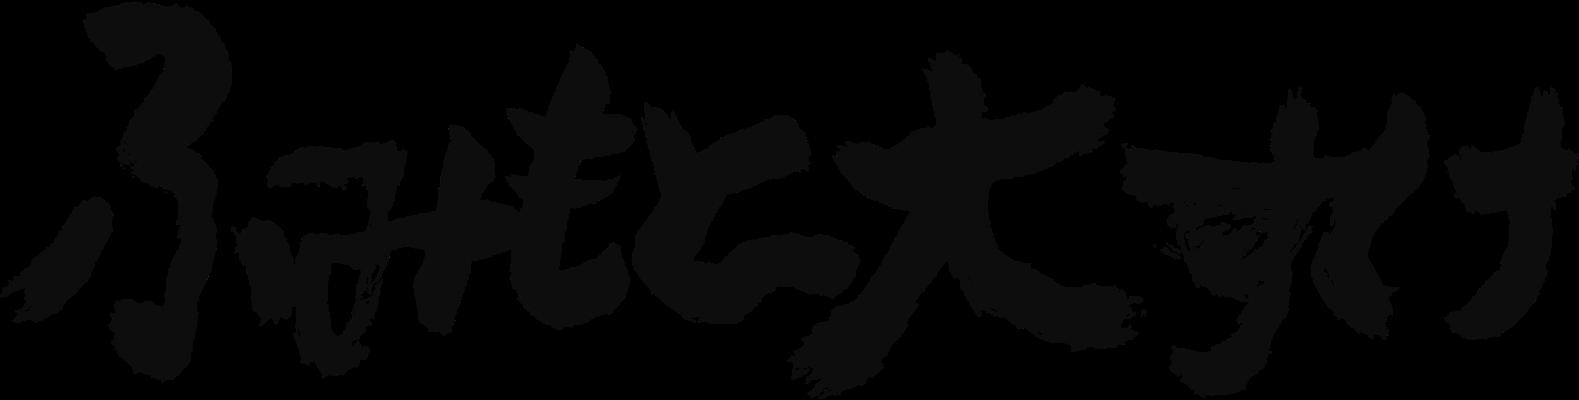 シンガーソングライター「ふみもと大すけ」ロゴ